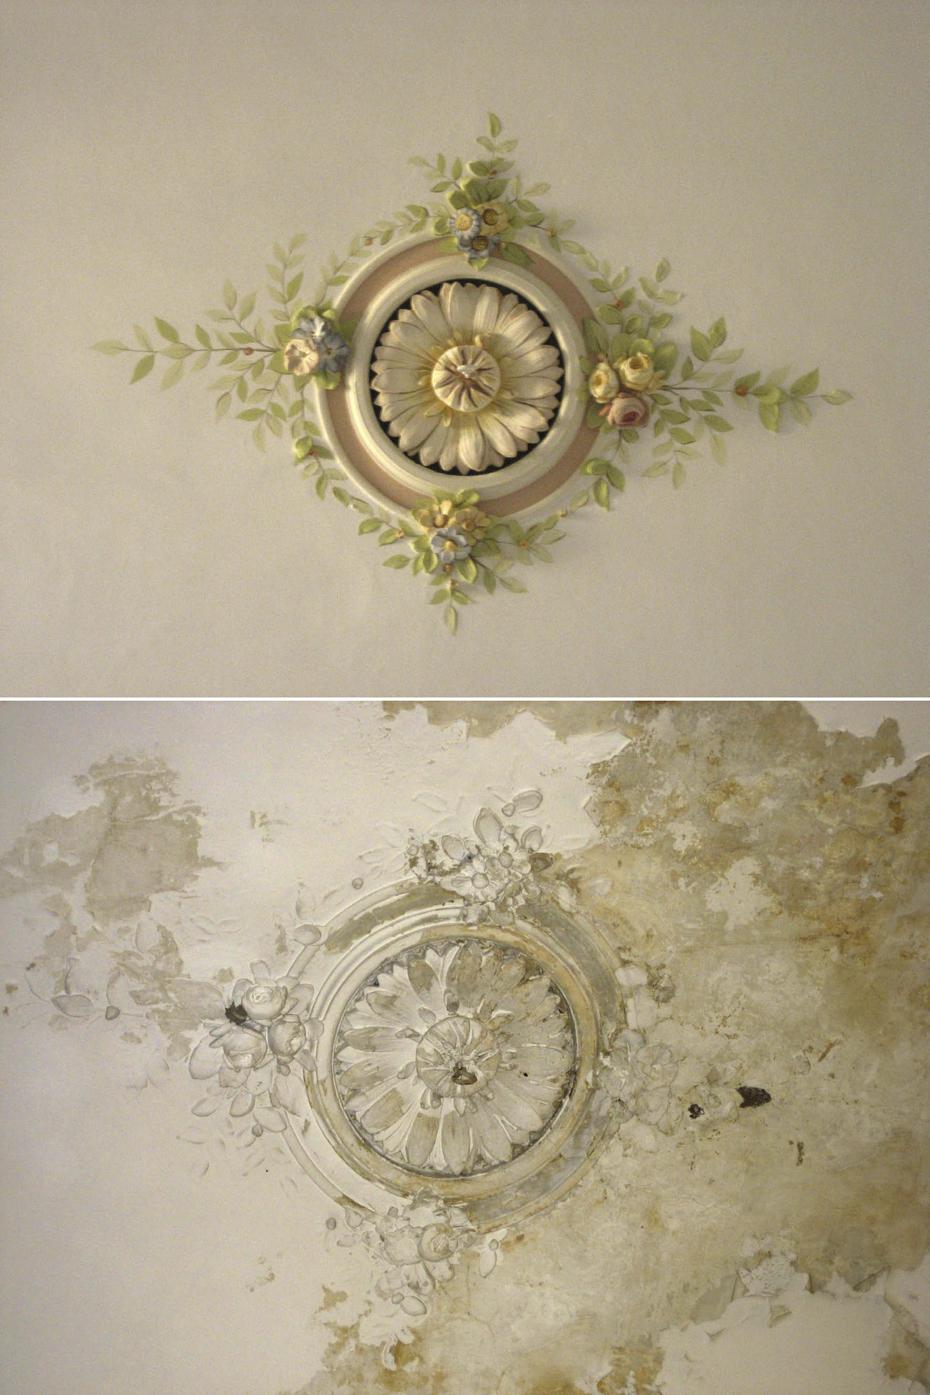 Giorgio Terranova, Restauro decorazione volta, Decorazione volta